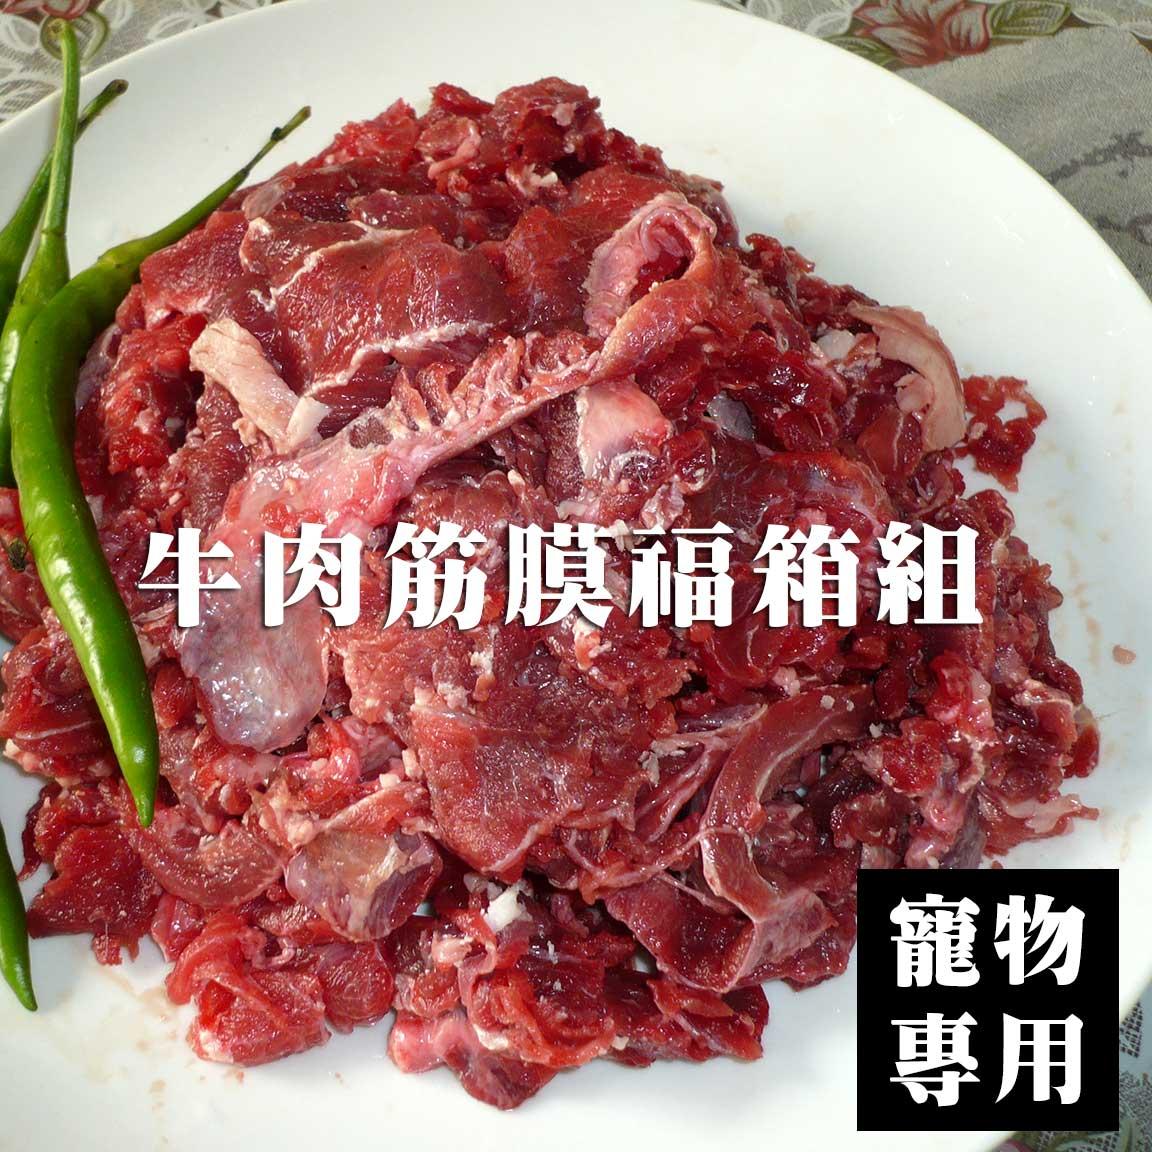 【免運】牛肉筋膜福箱組。30包/組。寵物零食,正餐皆適合【寵物專用】